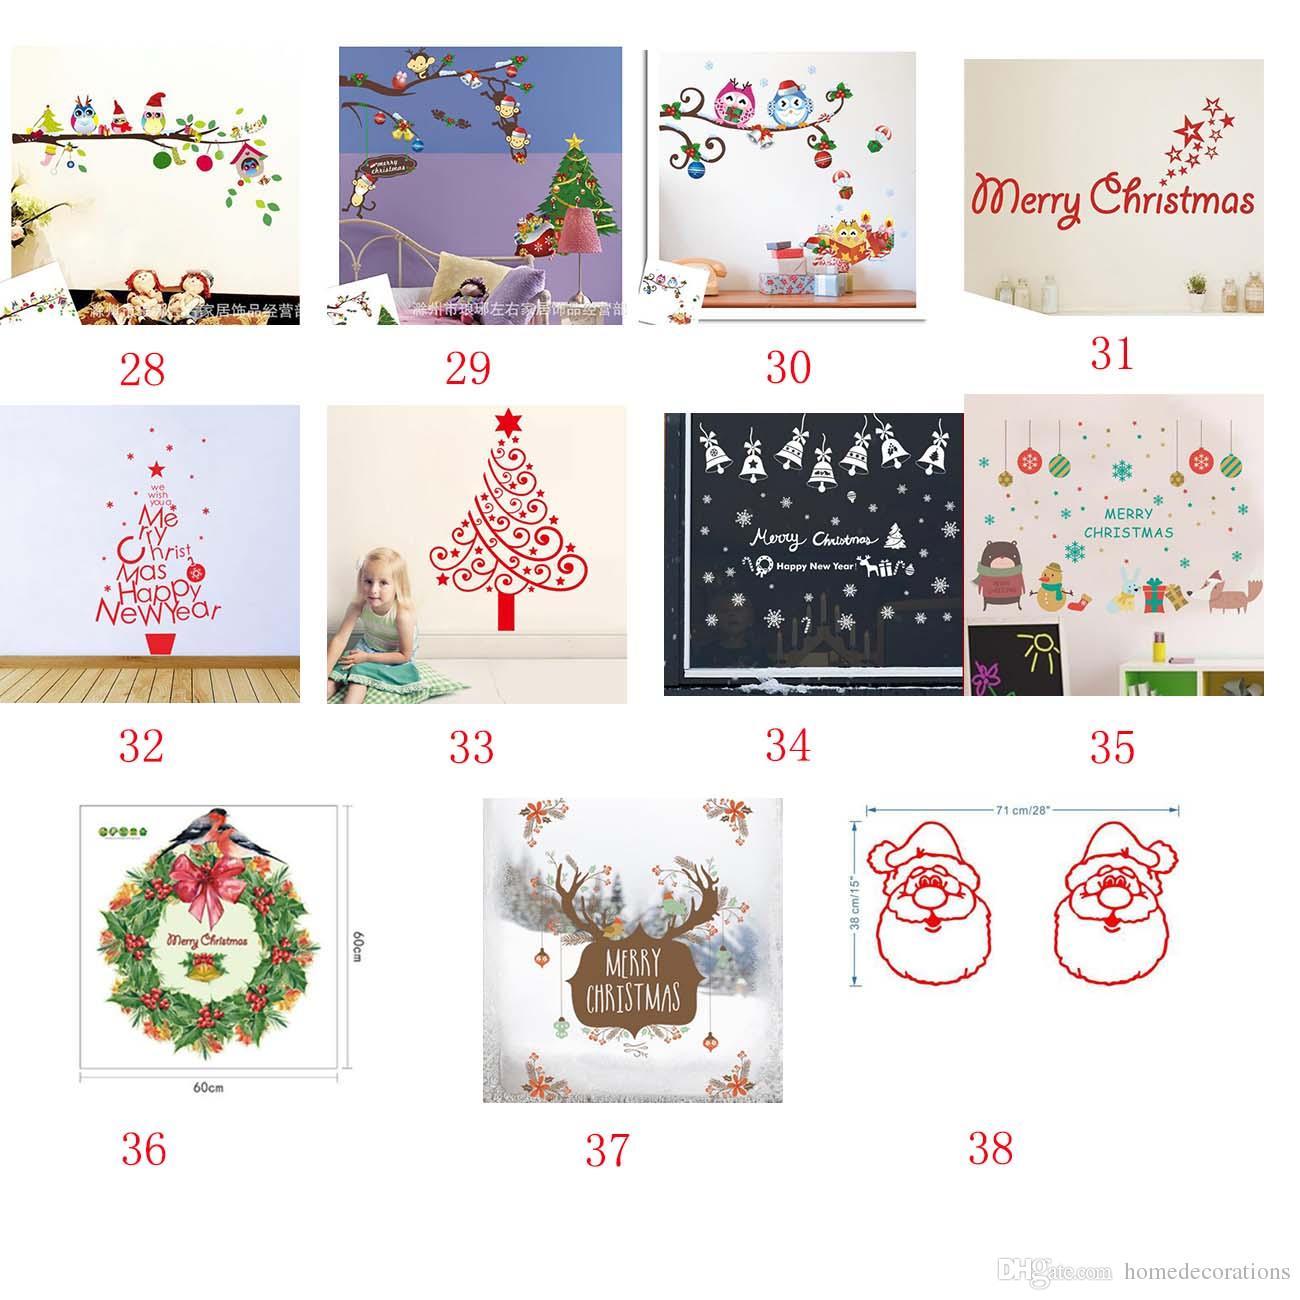 38 estilo Extraíble DIY Feliz Navidad Pegatinas de Pared Decoración de Papá Noel Regalos Árbol Ventana Pegatinas de Pared de Vinilo Tatuajes de Pared de Navidad Decoración